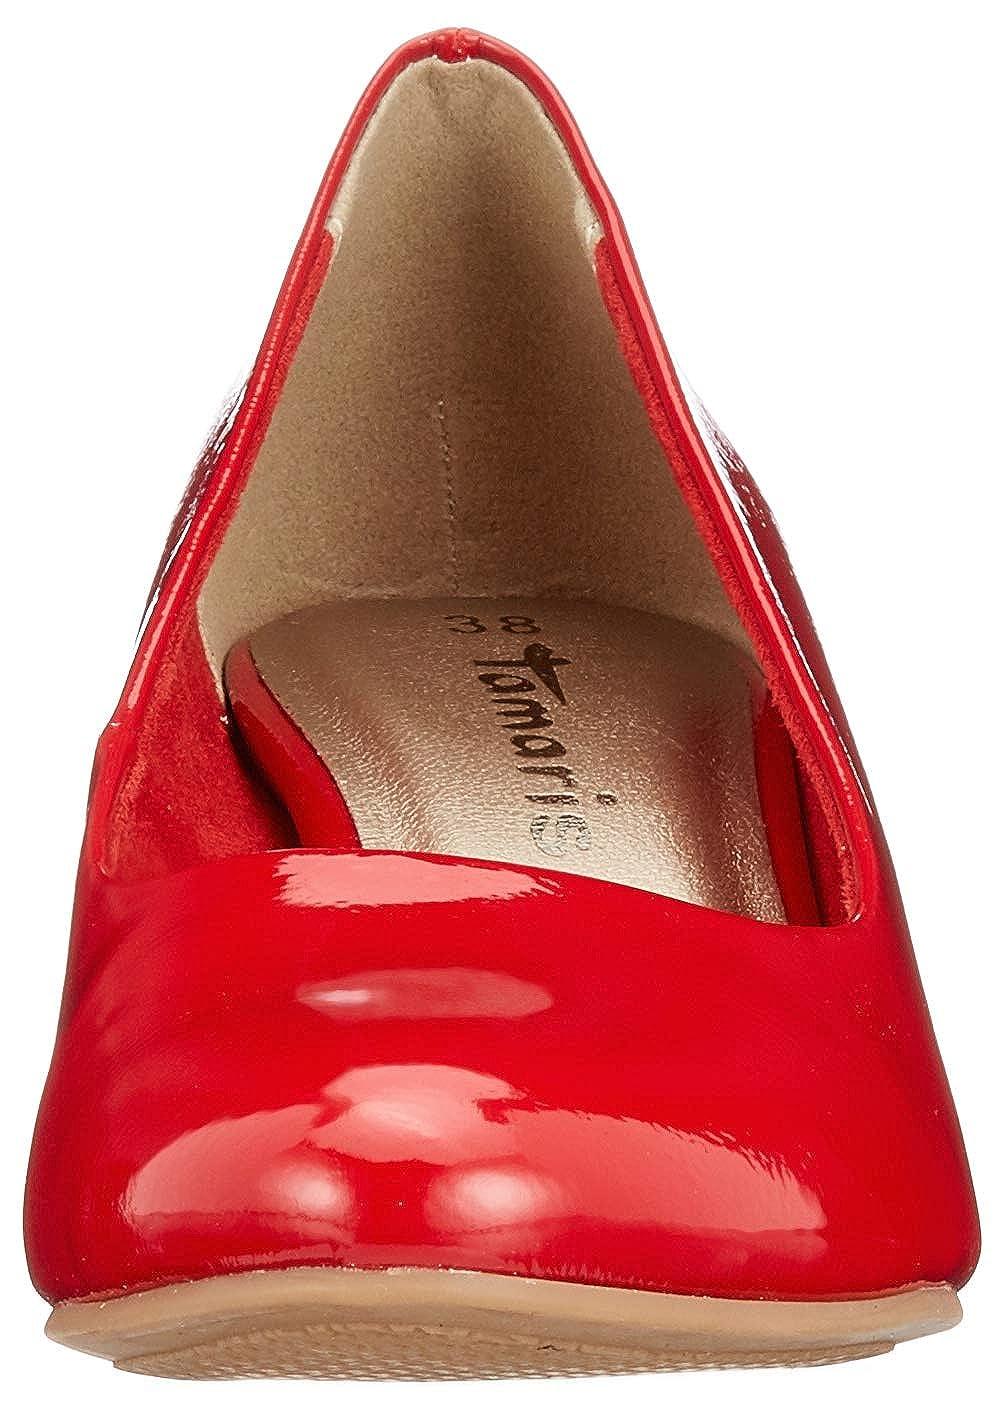 Tamaris 22493, Escarpins Femme, Rouge (Chili Patent 520), 38